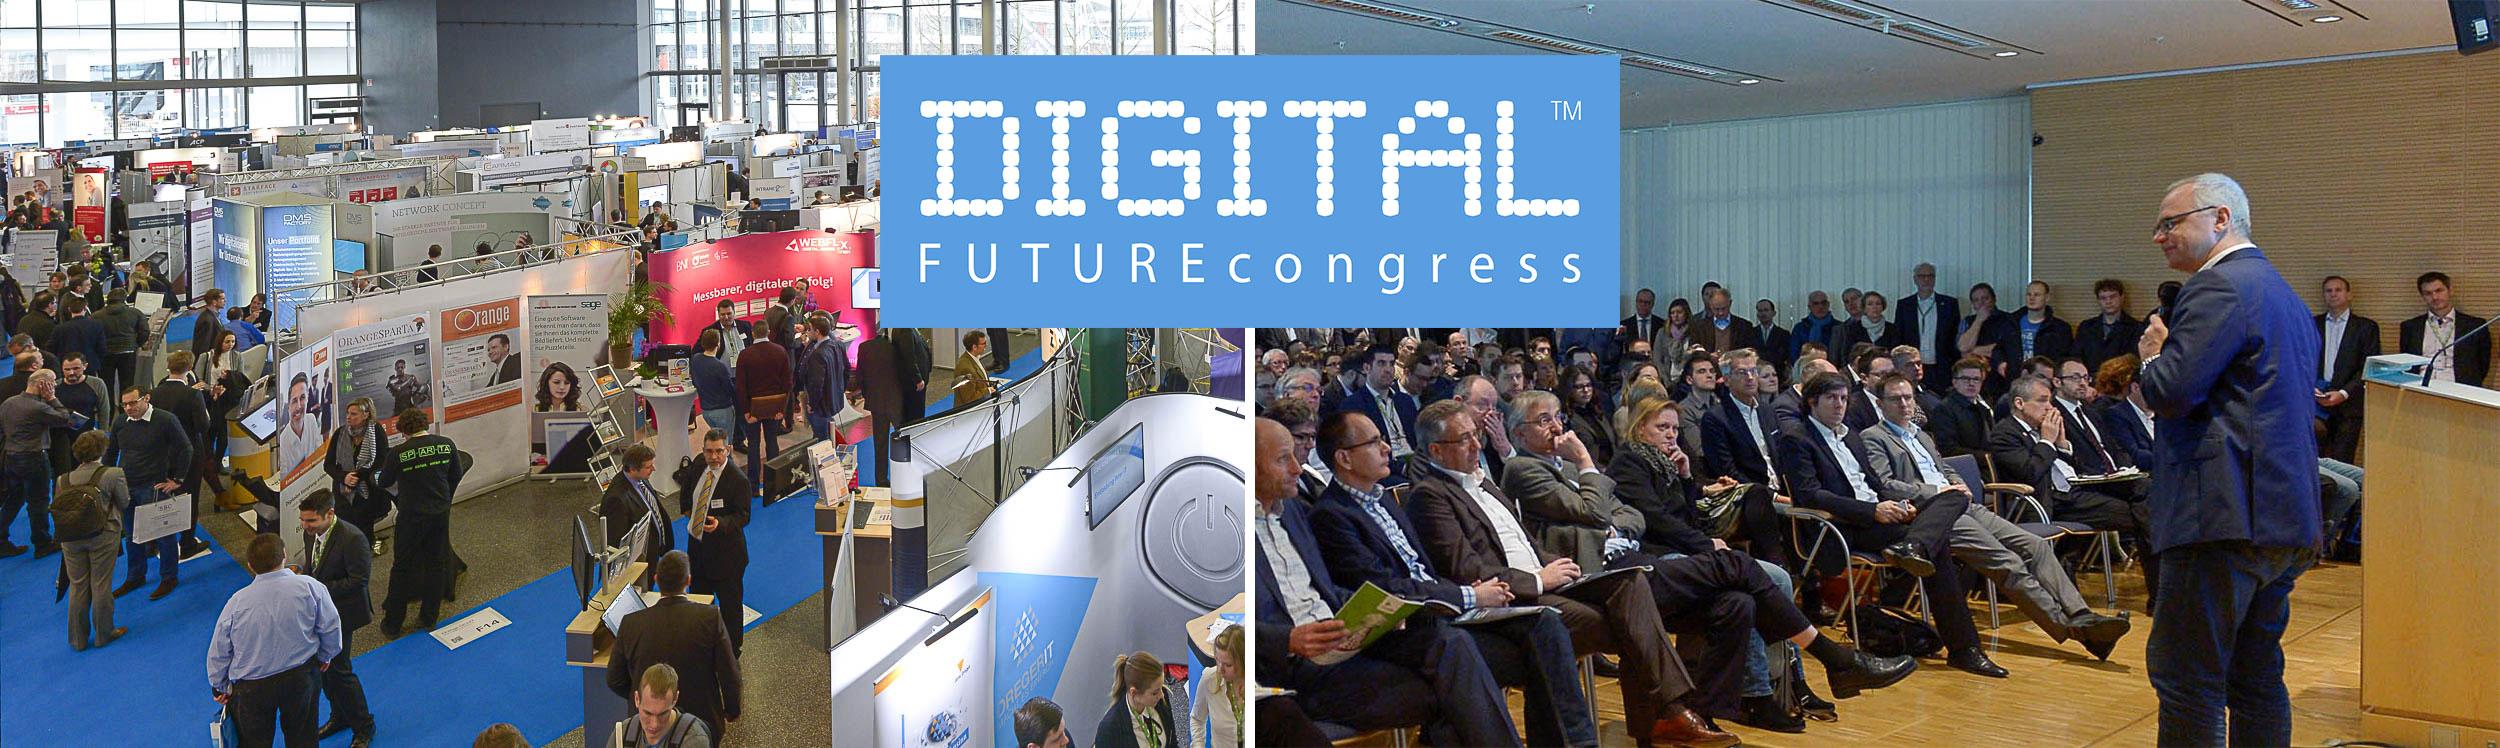 DIGITAL FUTURE congress 2019: Wir sind dabei!